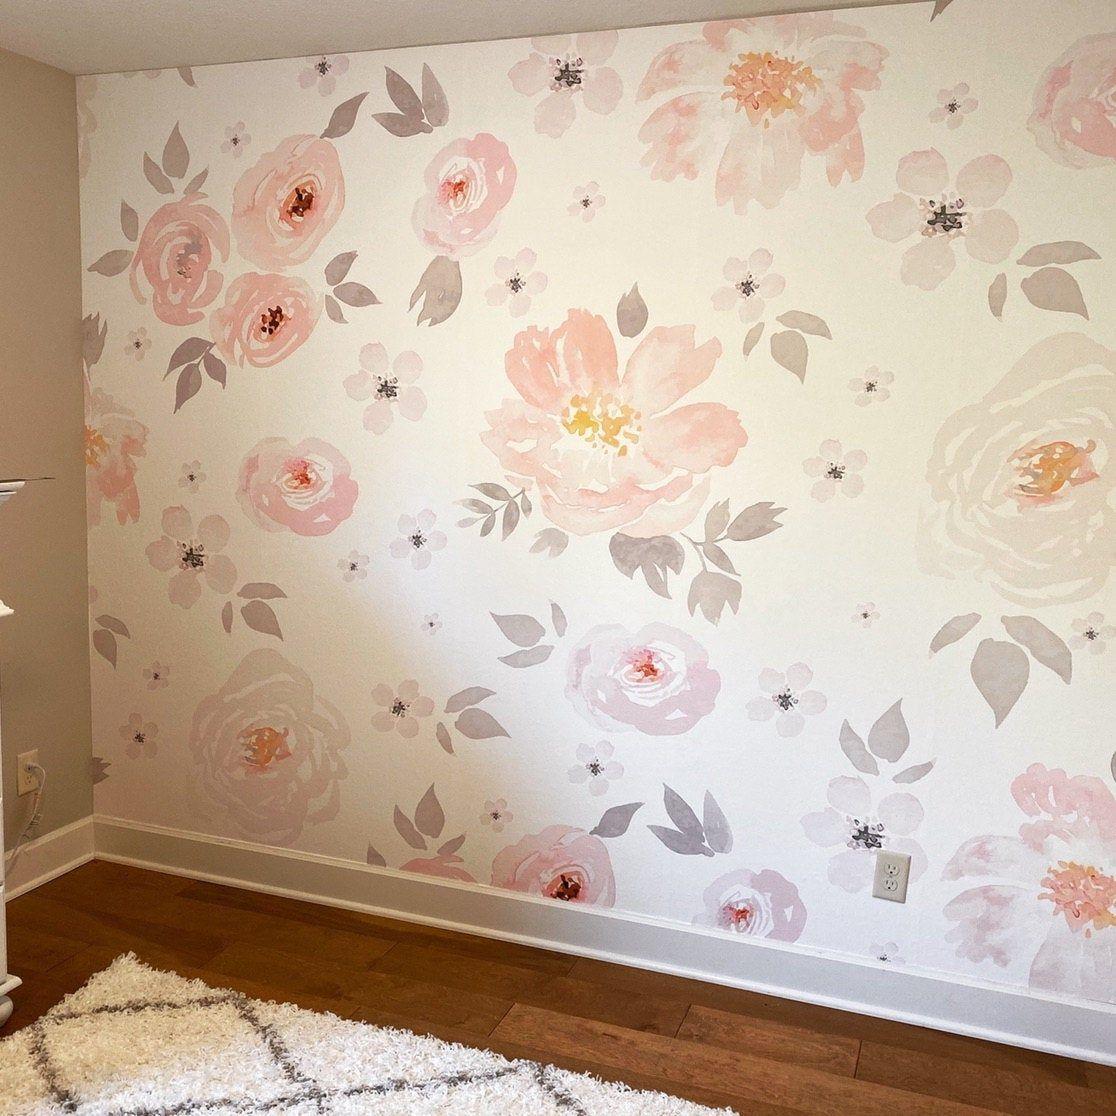 Amara Floral Wallpaper Mural Watercolor Floral Traditional